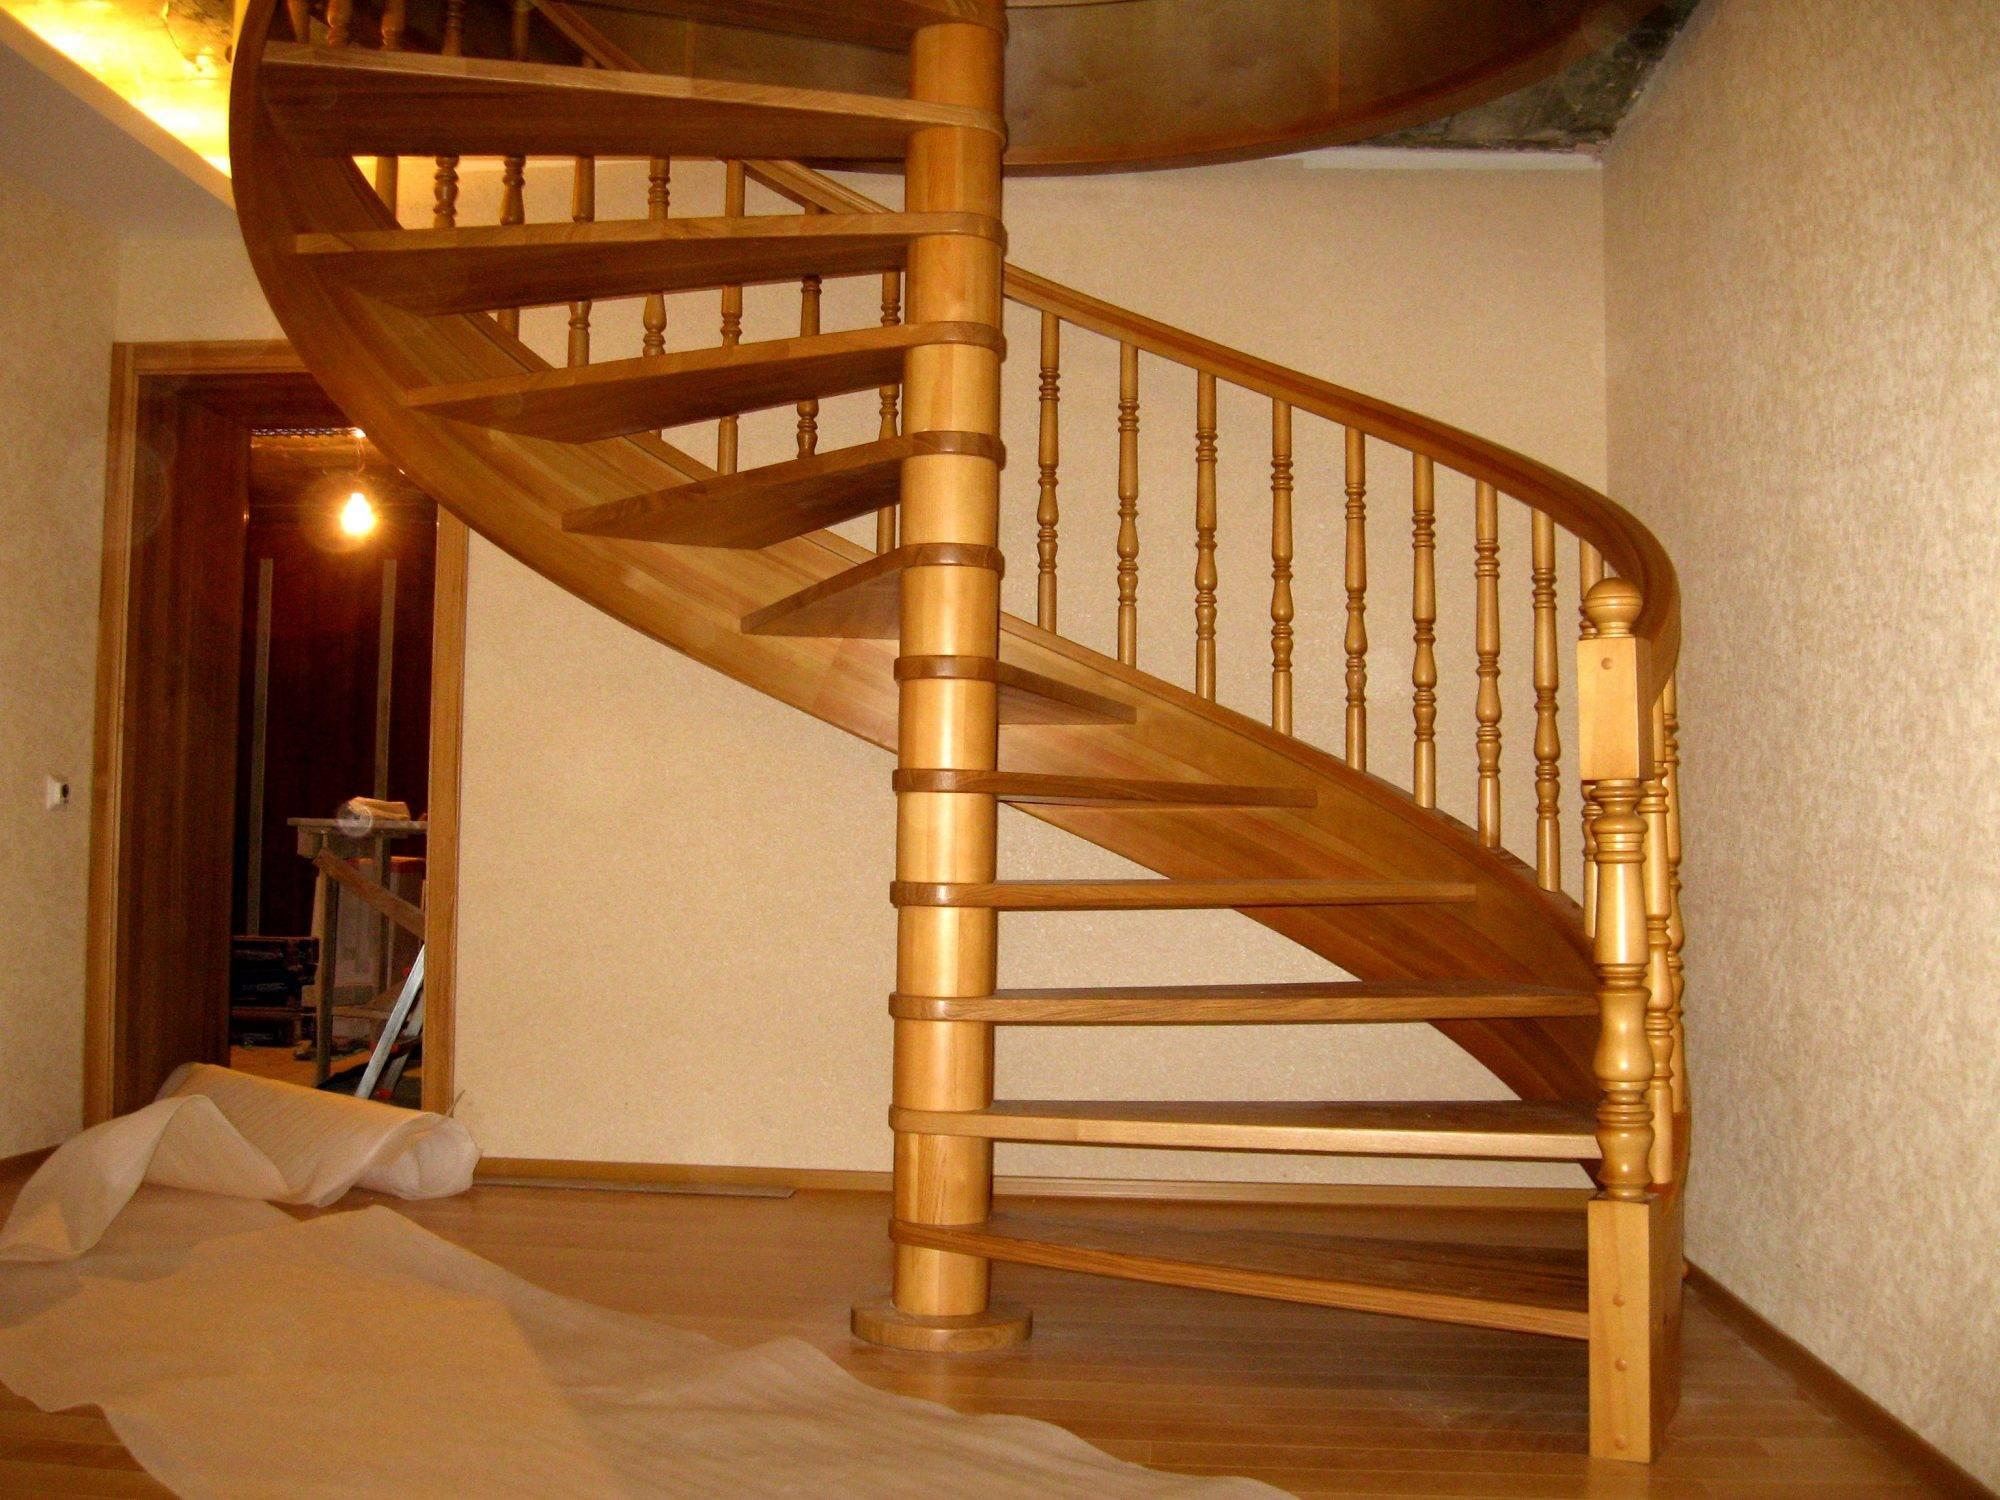 Винтовая лестница своими руками – как сделать винтовую лестницу из дерева на второй этаж: расчет, схема + фото-видео